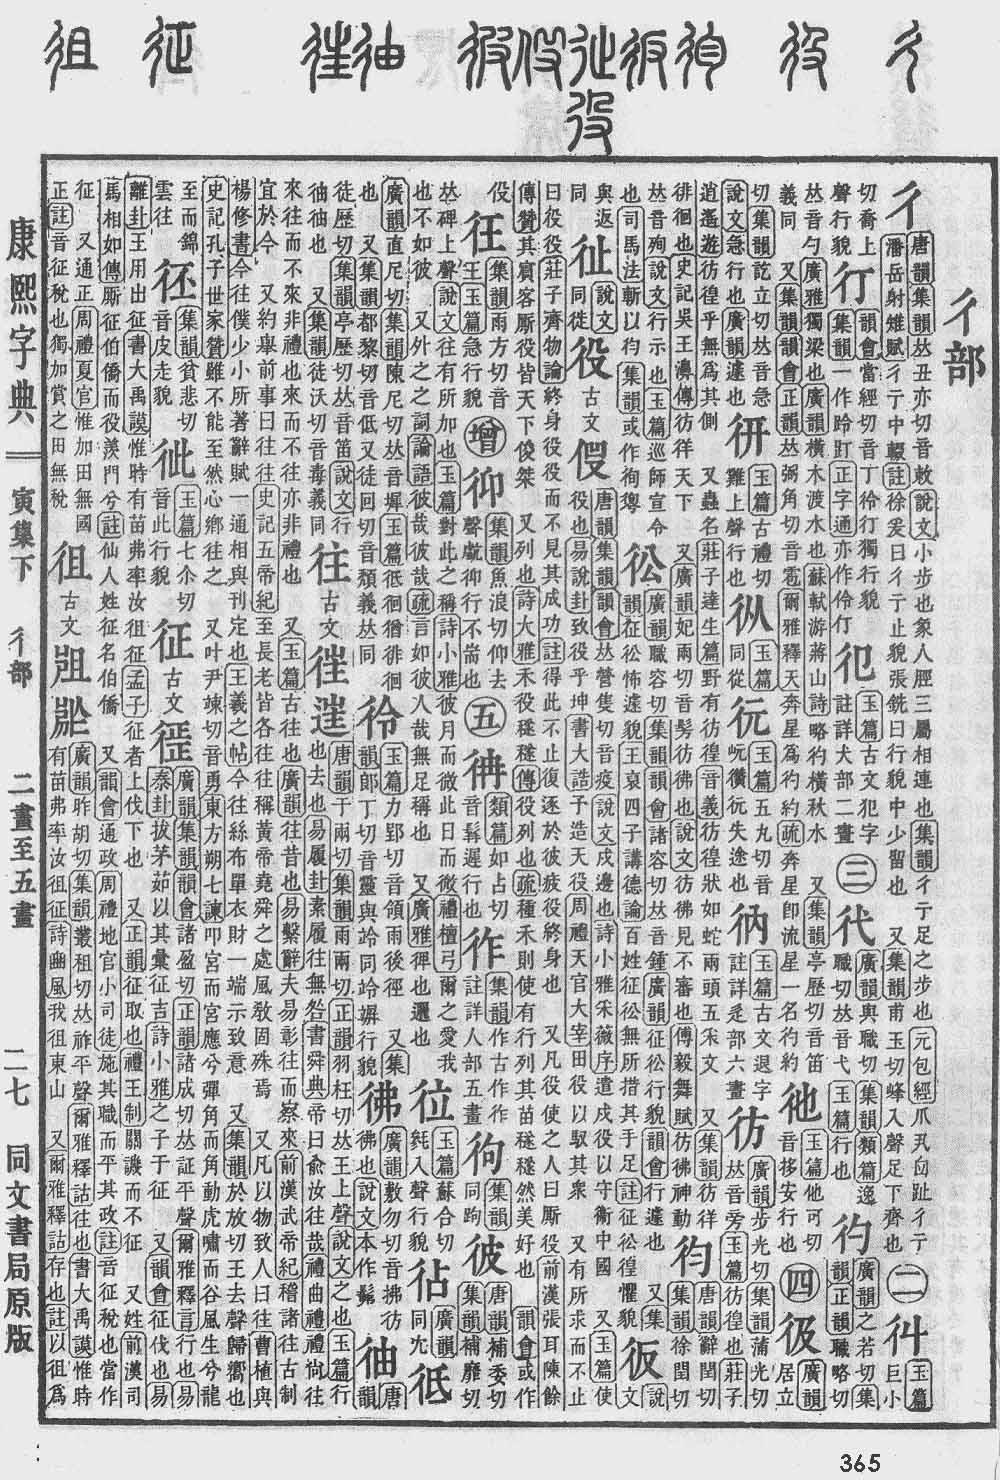 《康熙字典》第365页